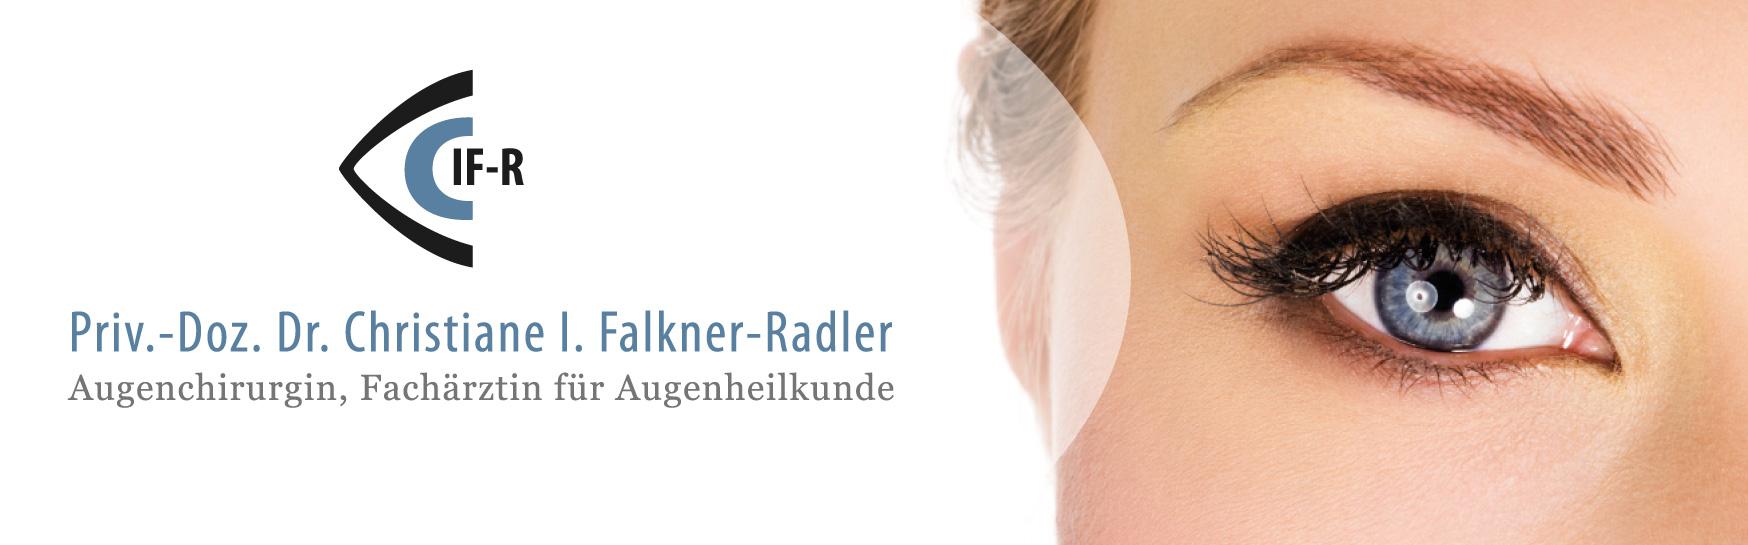 falkner-radler-startbild1